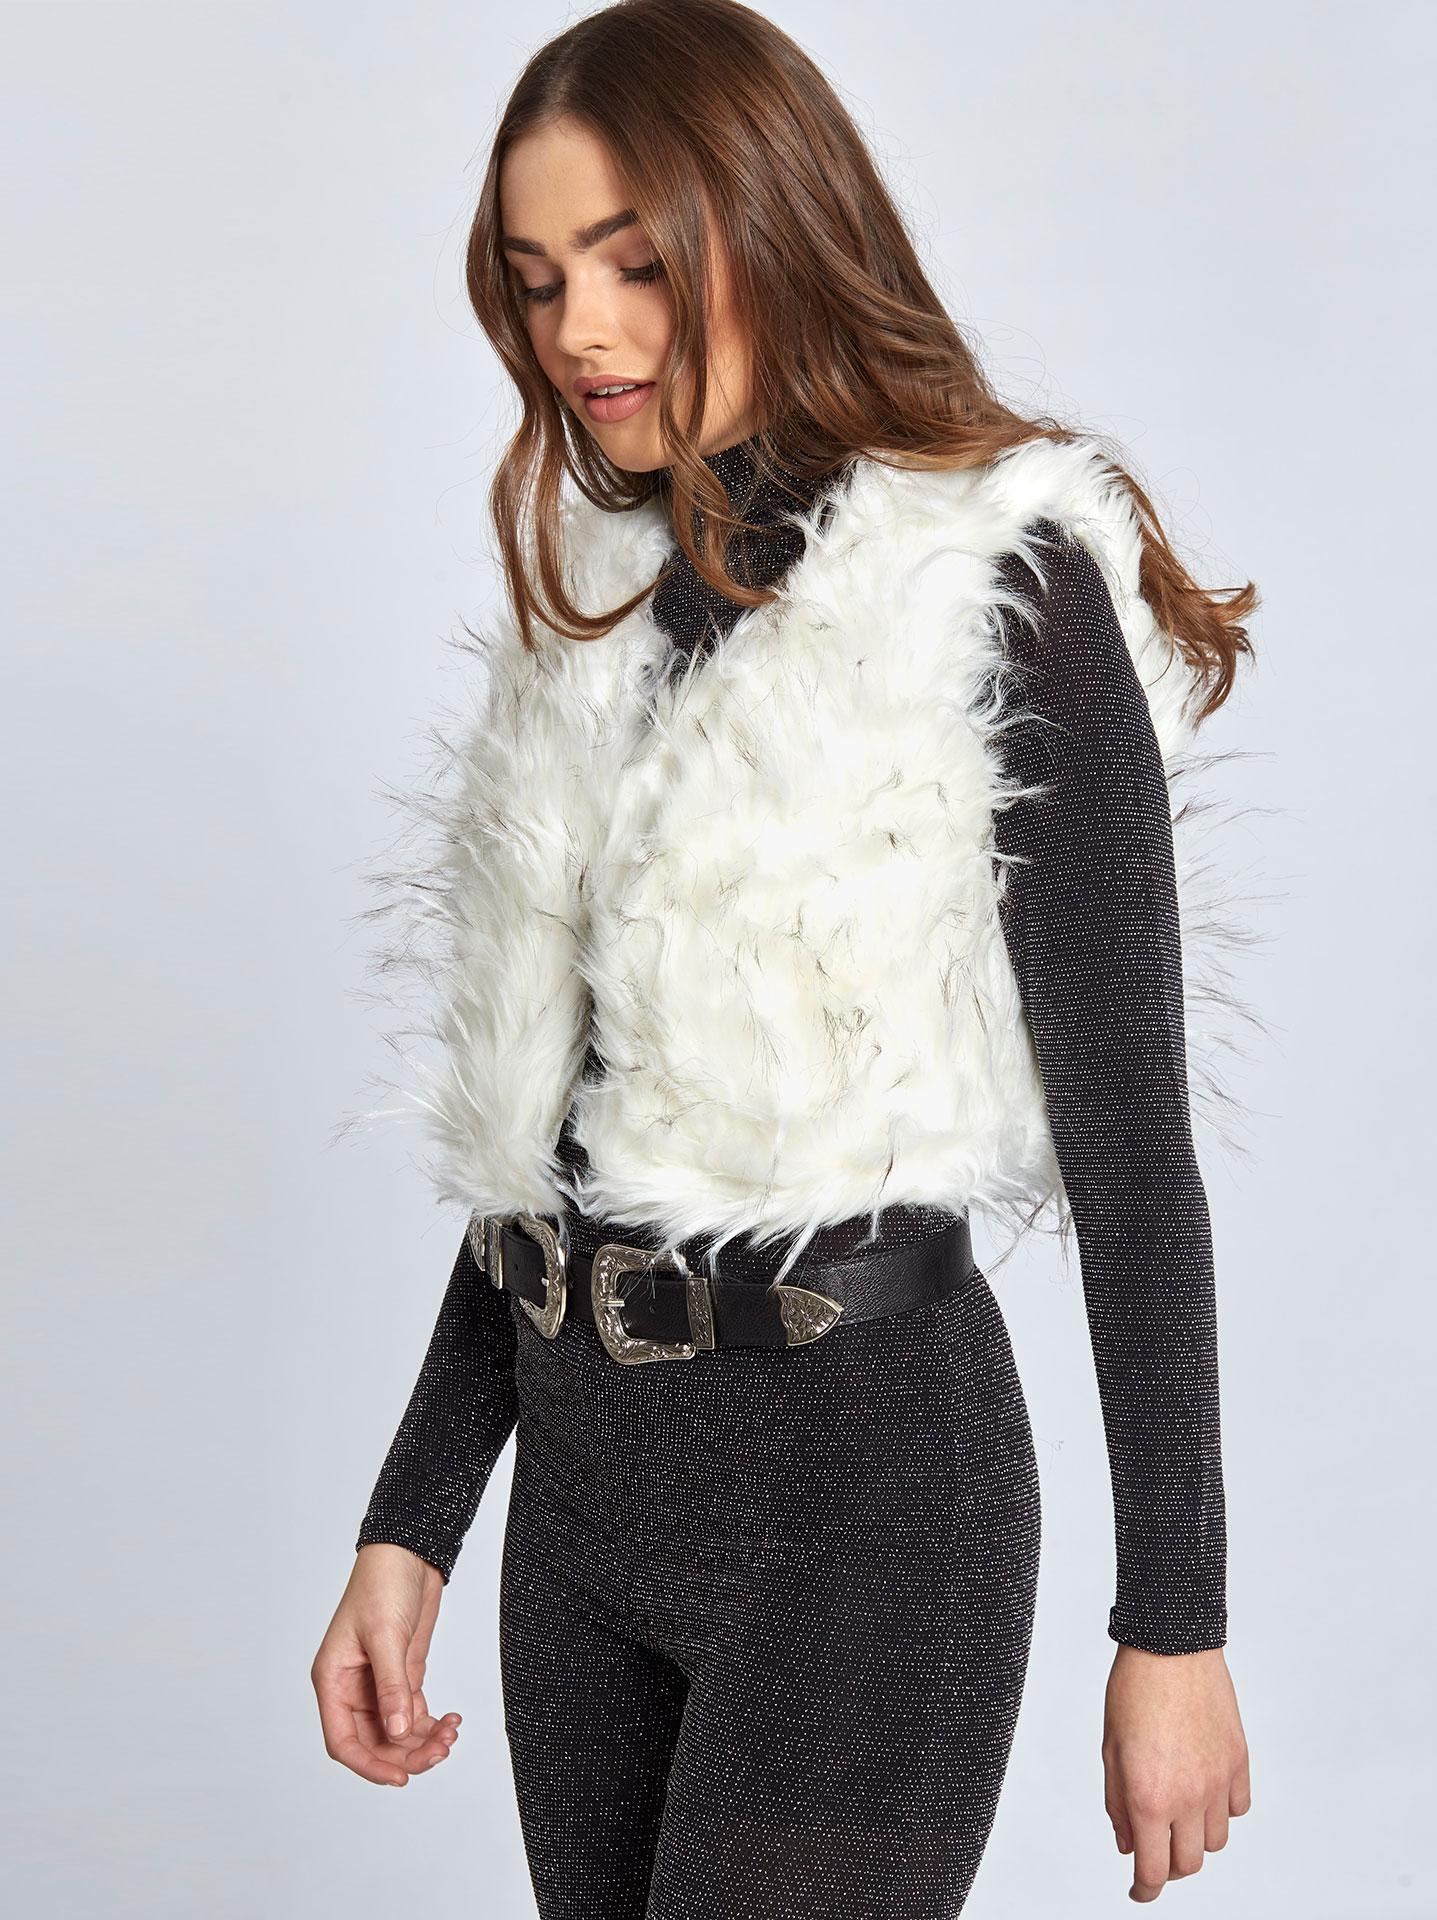 ac04a6306814 Κοντό γιλέκο από συνθετική γούνα σε λευκο